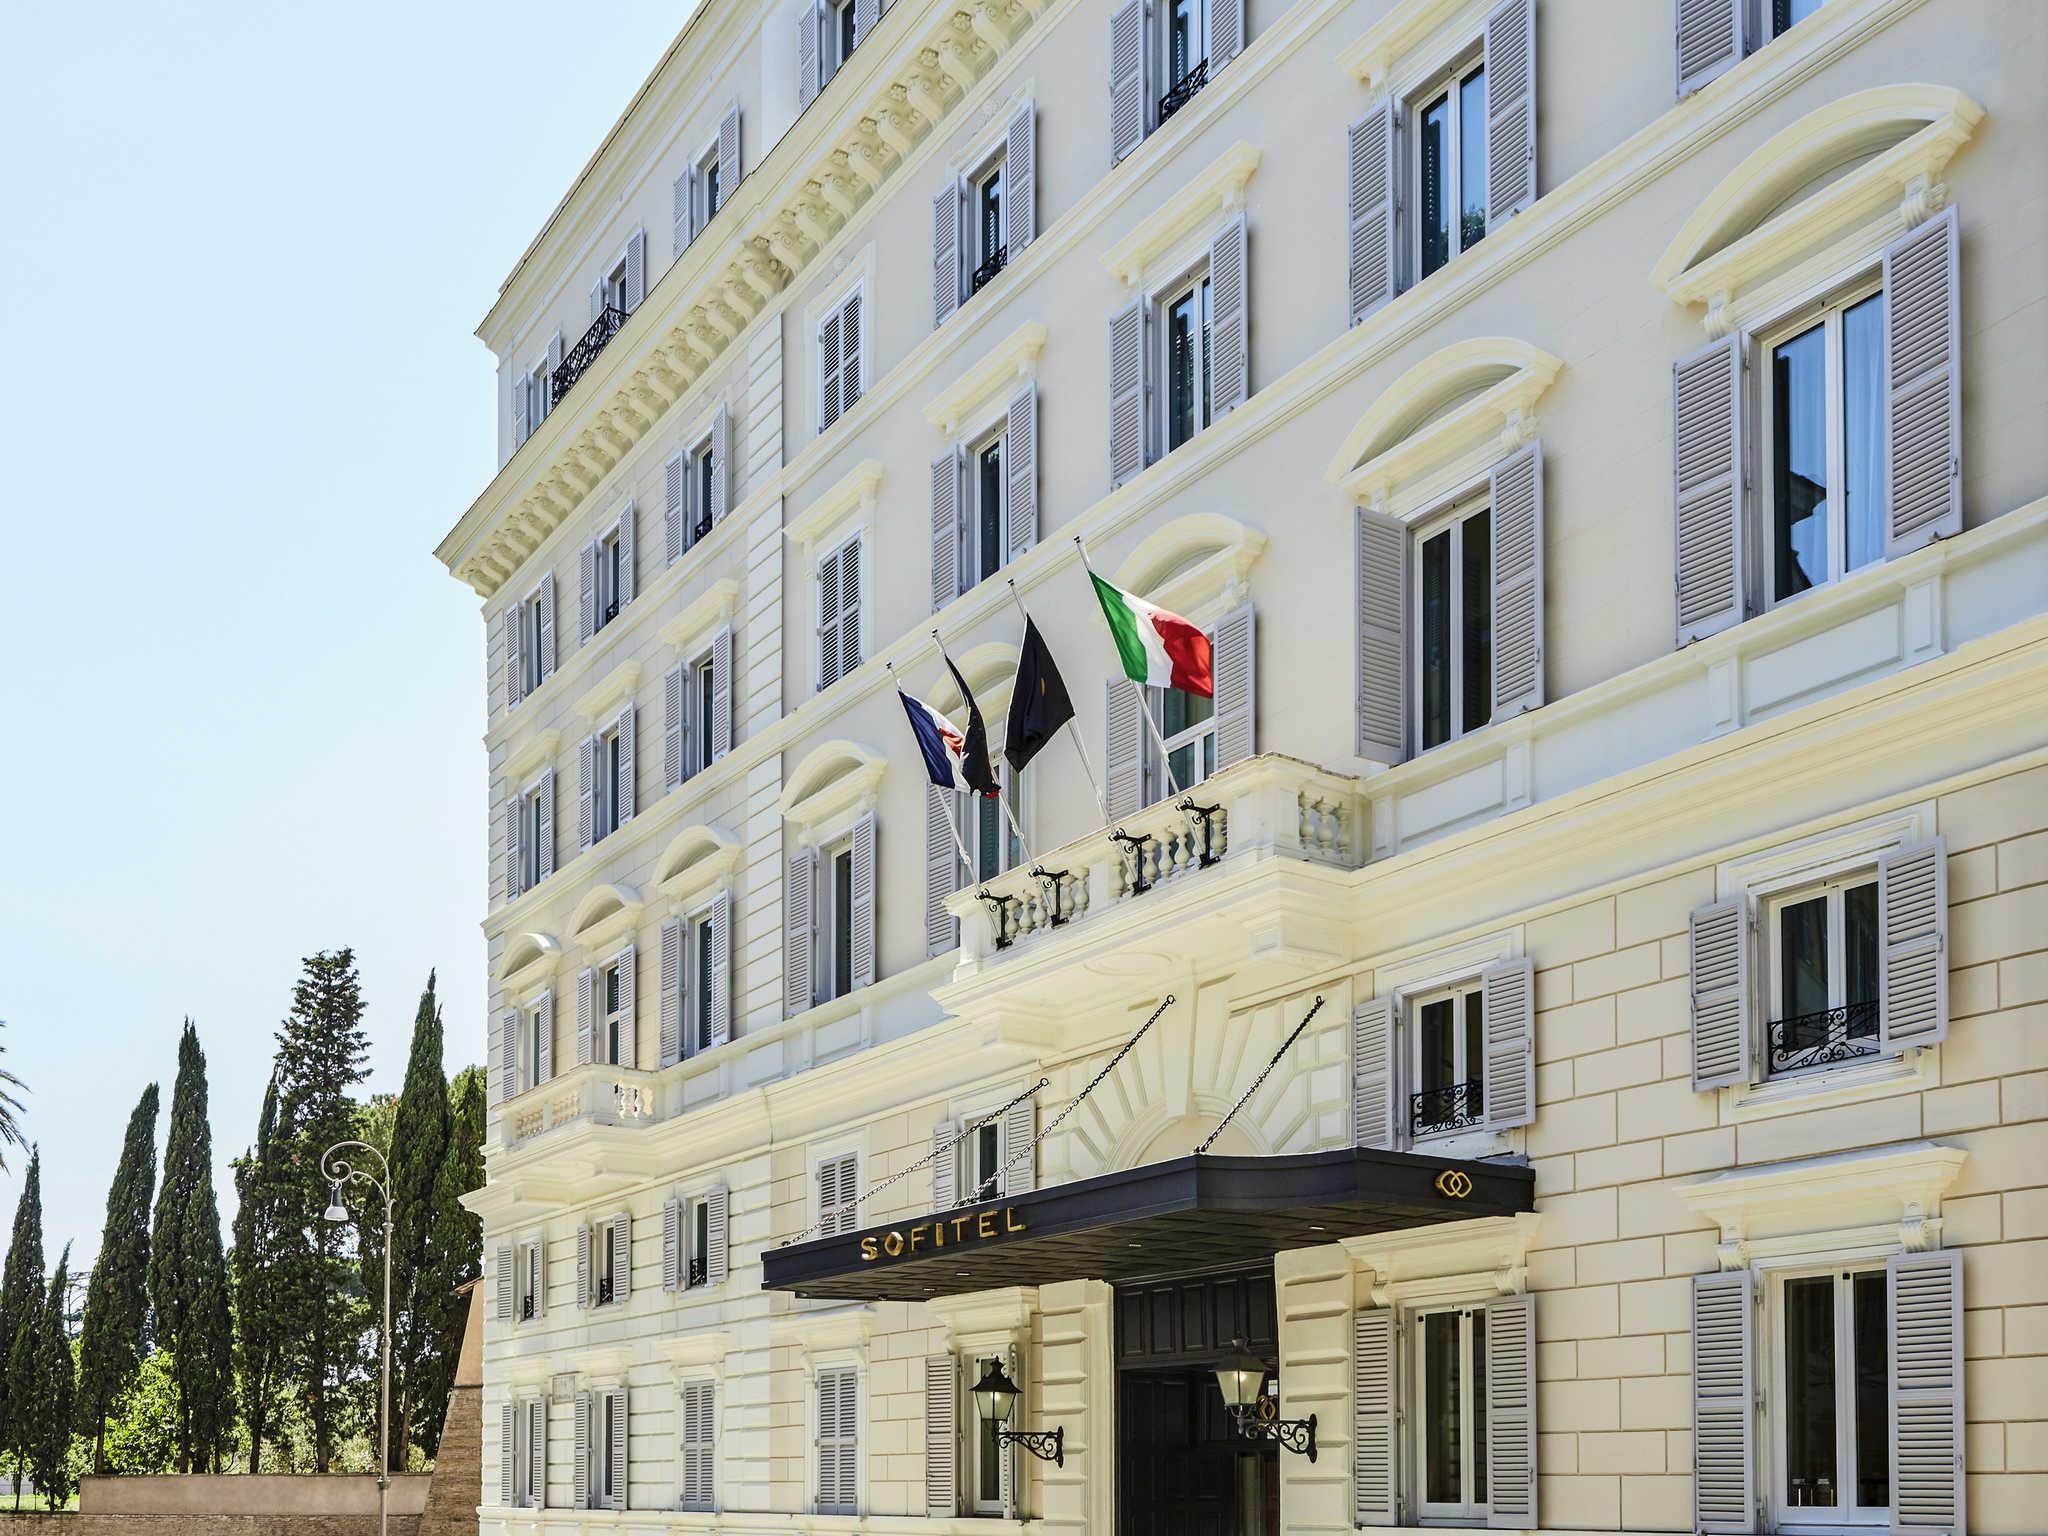 Hotel – Sofitel Roma (riapre il 4 Marzo 2019 rinnovato)